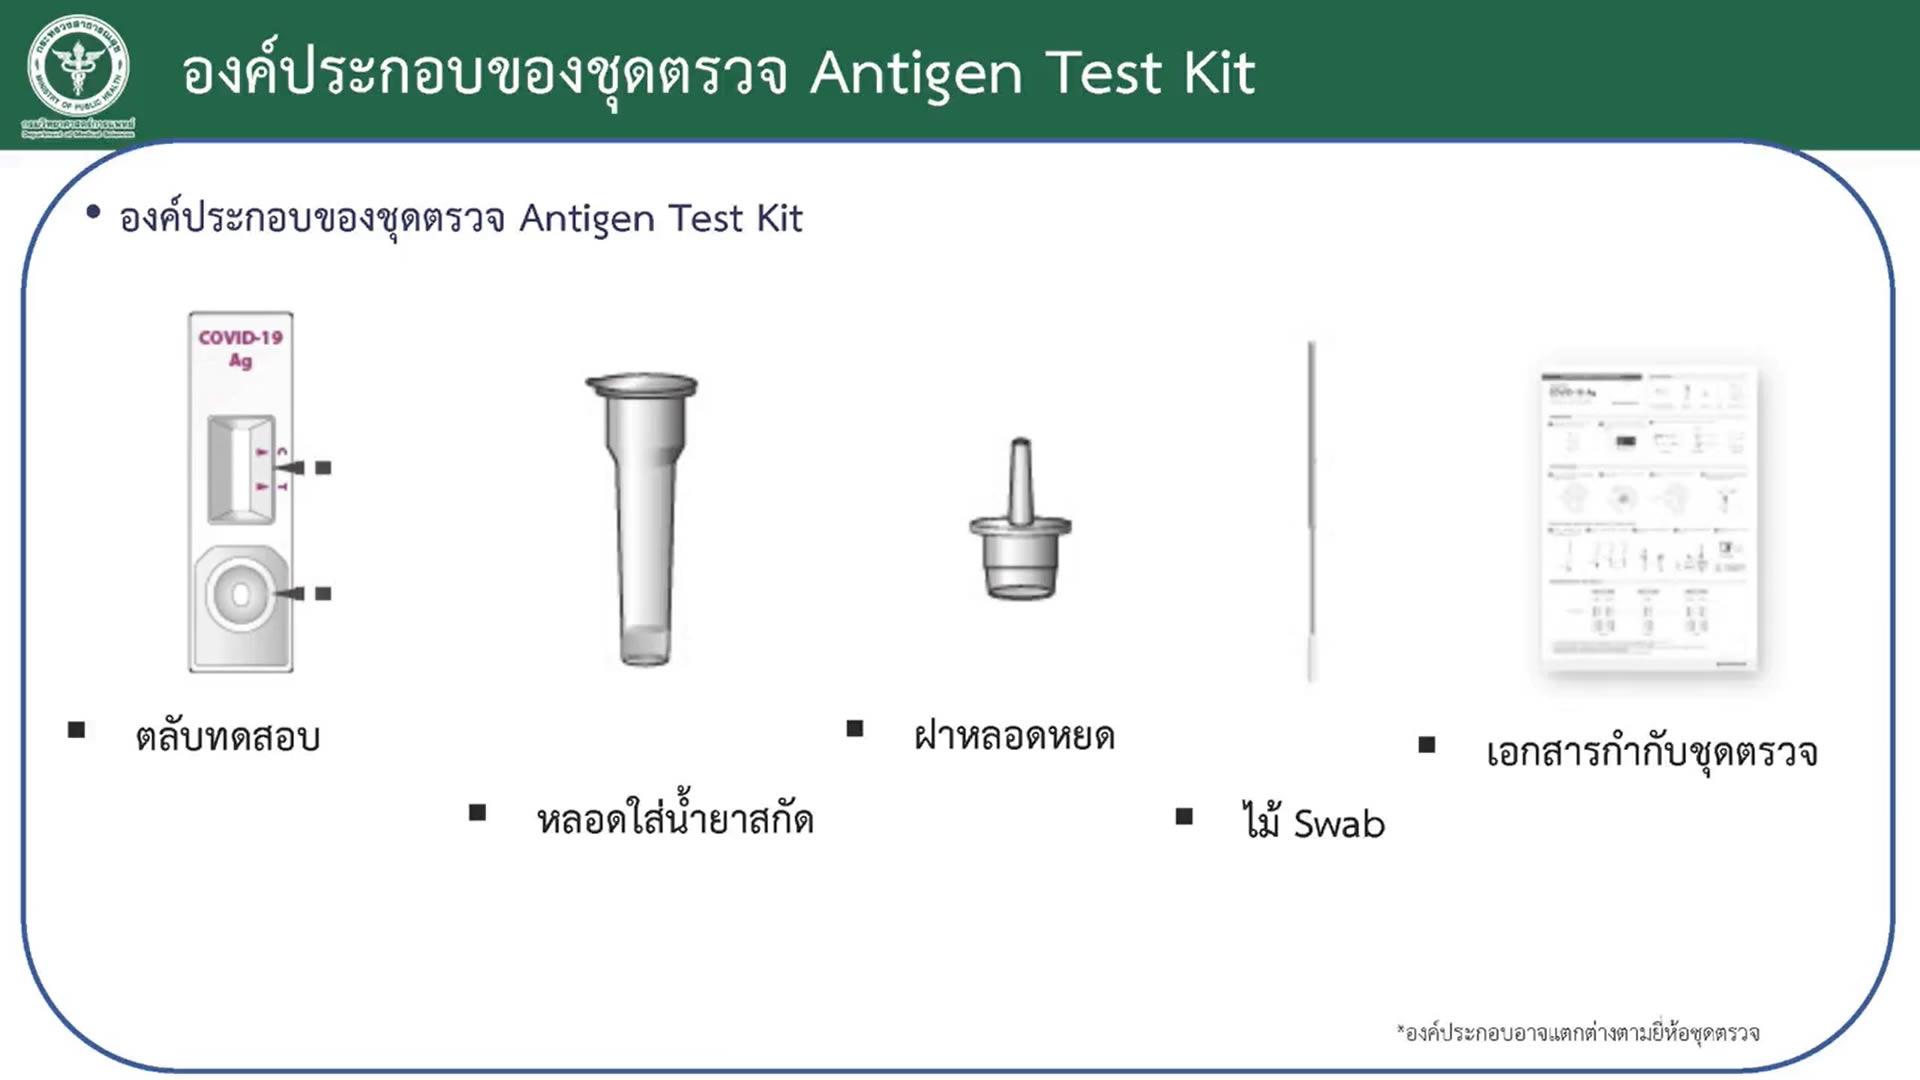 新型コロナ抗原検査キットの自己使用可能へ、薬局で販売の予定